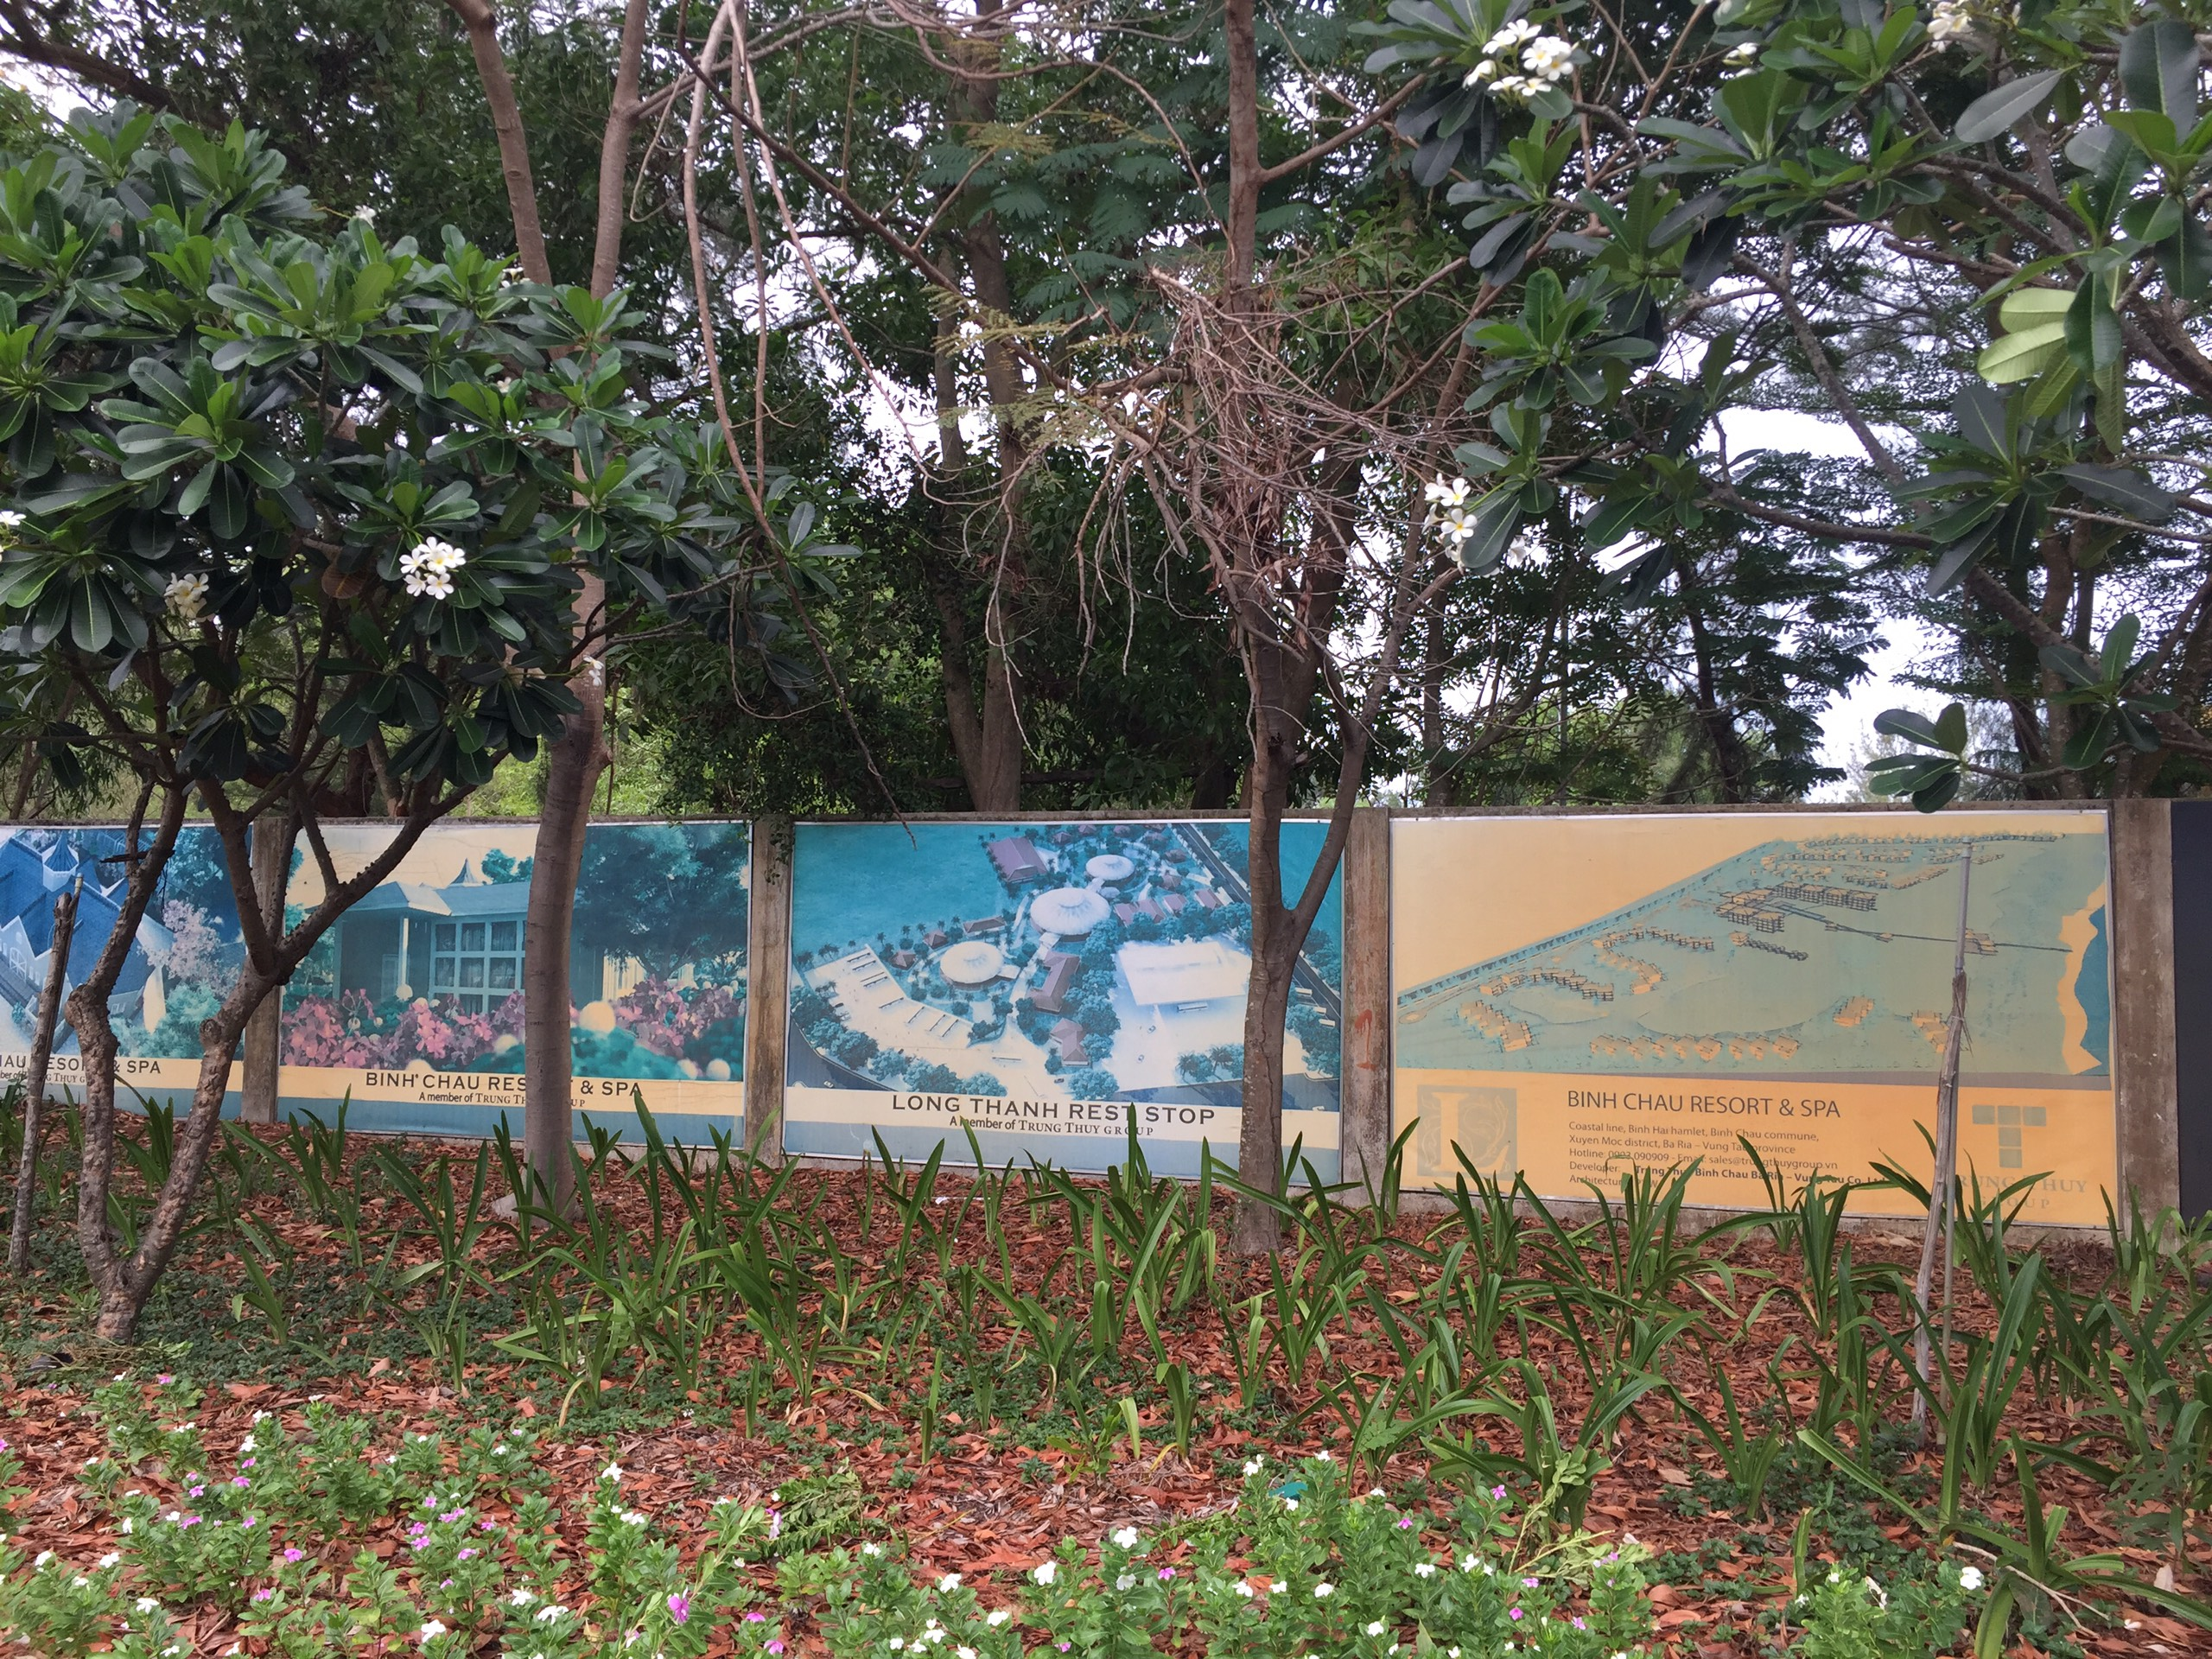 novaworld hồ tràm, khu đô thị Novaworld Hồ Tràm, nhà vườn hồ tràm, đất biển xuyên mộc, homestay hồ tràm